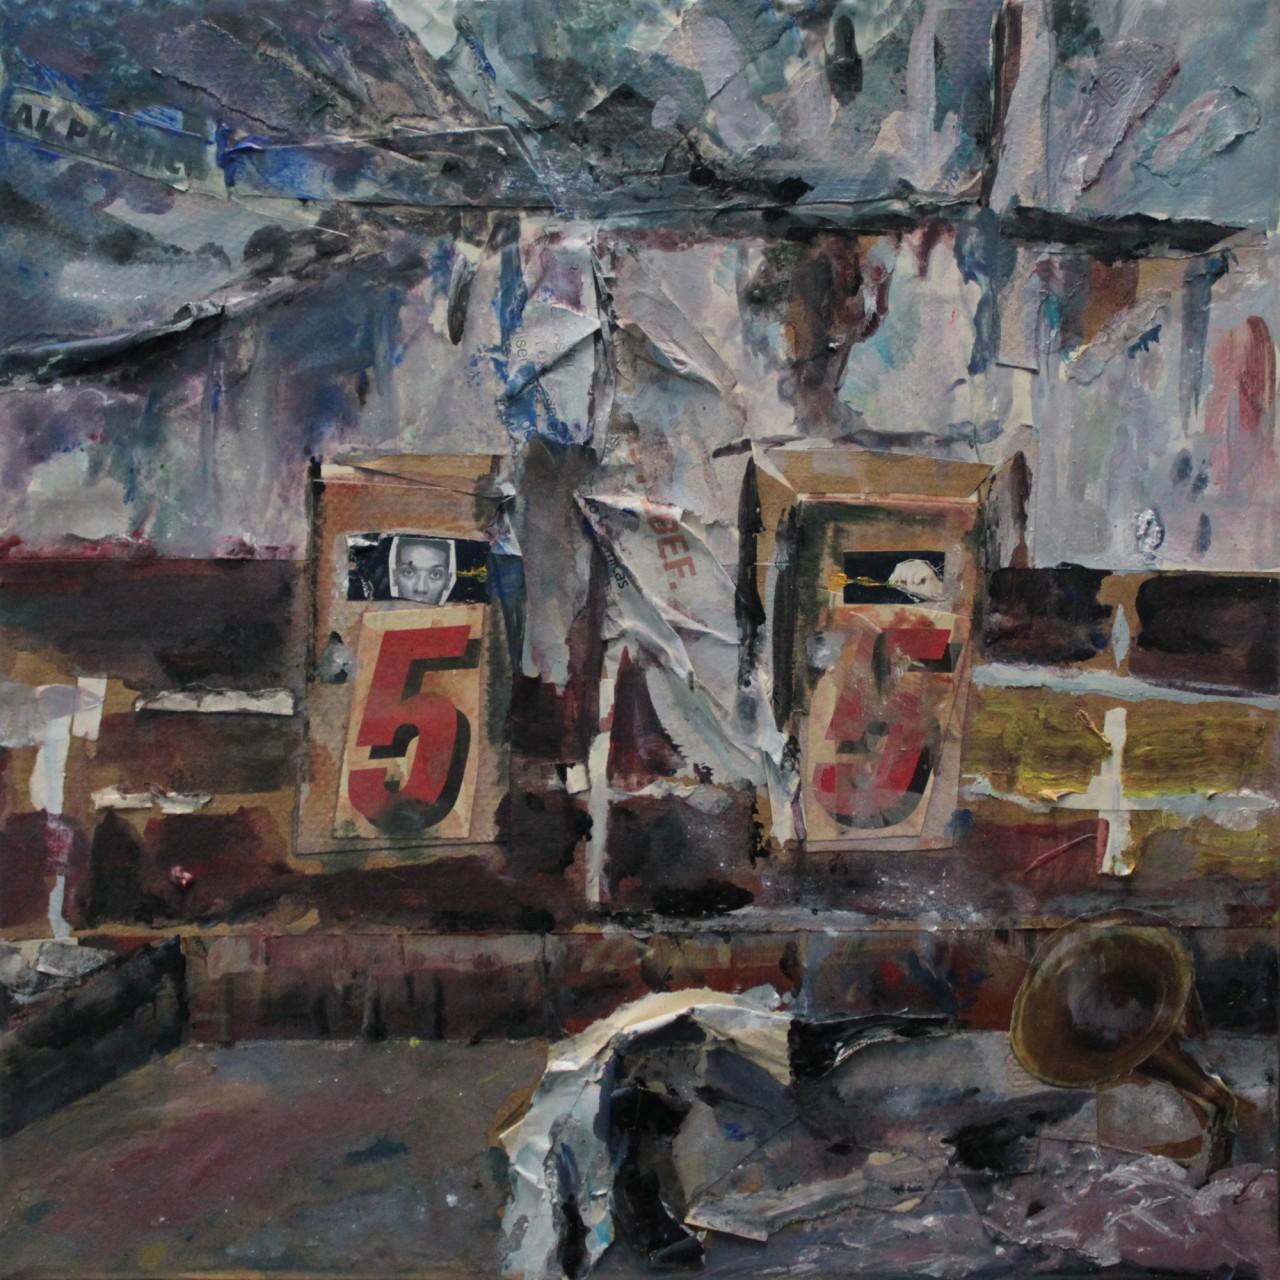 Entartete Zimmer 8 - Cerezo Montilla - compar cuadros modernos, comprar cuadros, cuadros modernos